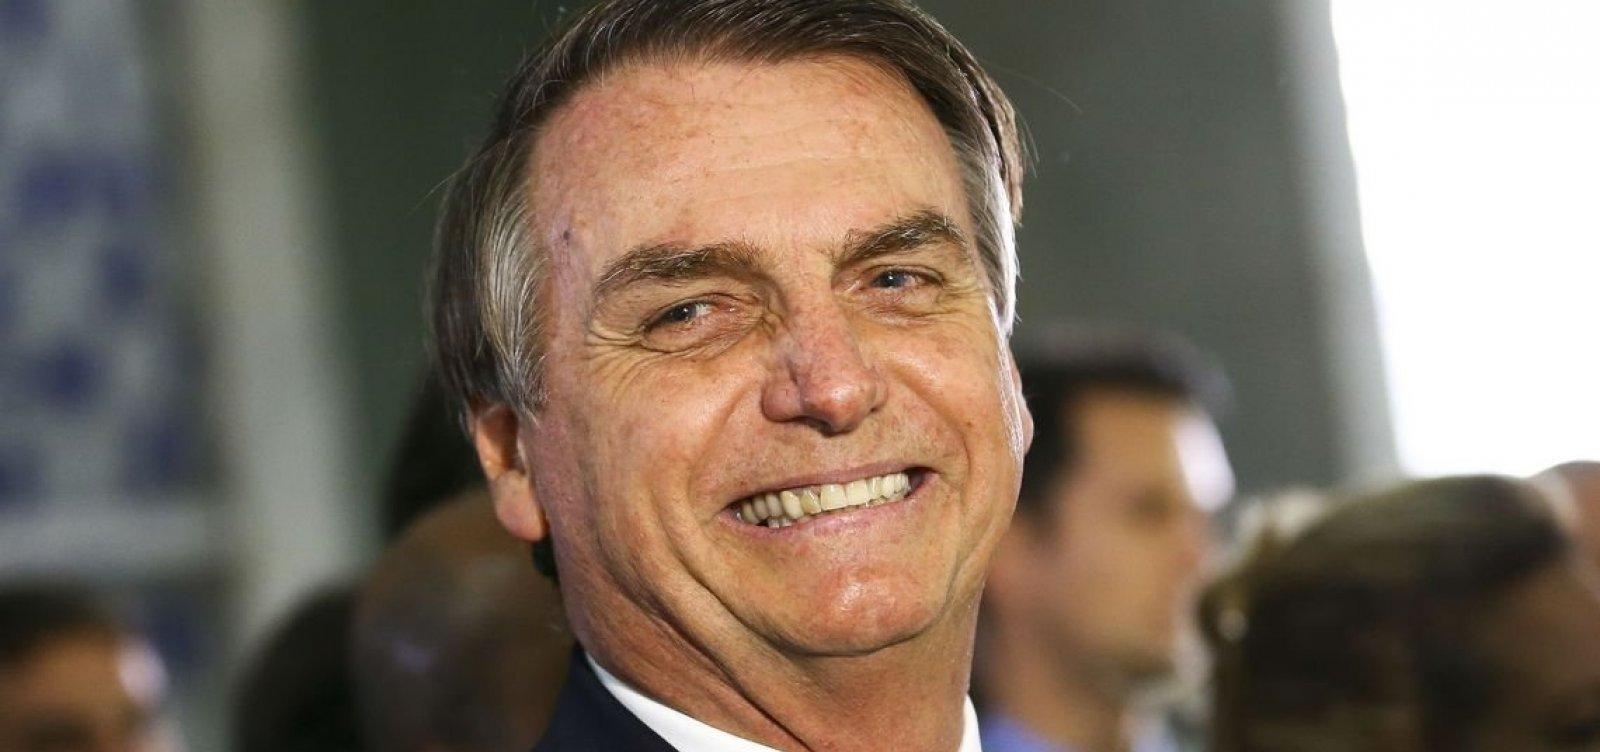 ['Por mim, eu botaria 60', diz Bolsonaro sobre pontuação para que CNH seja suspensa]